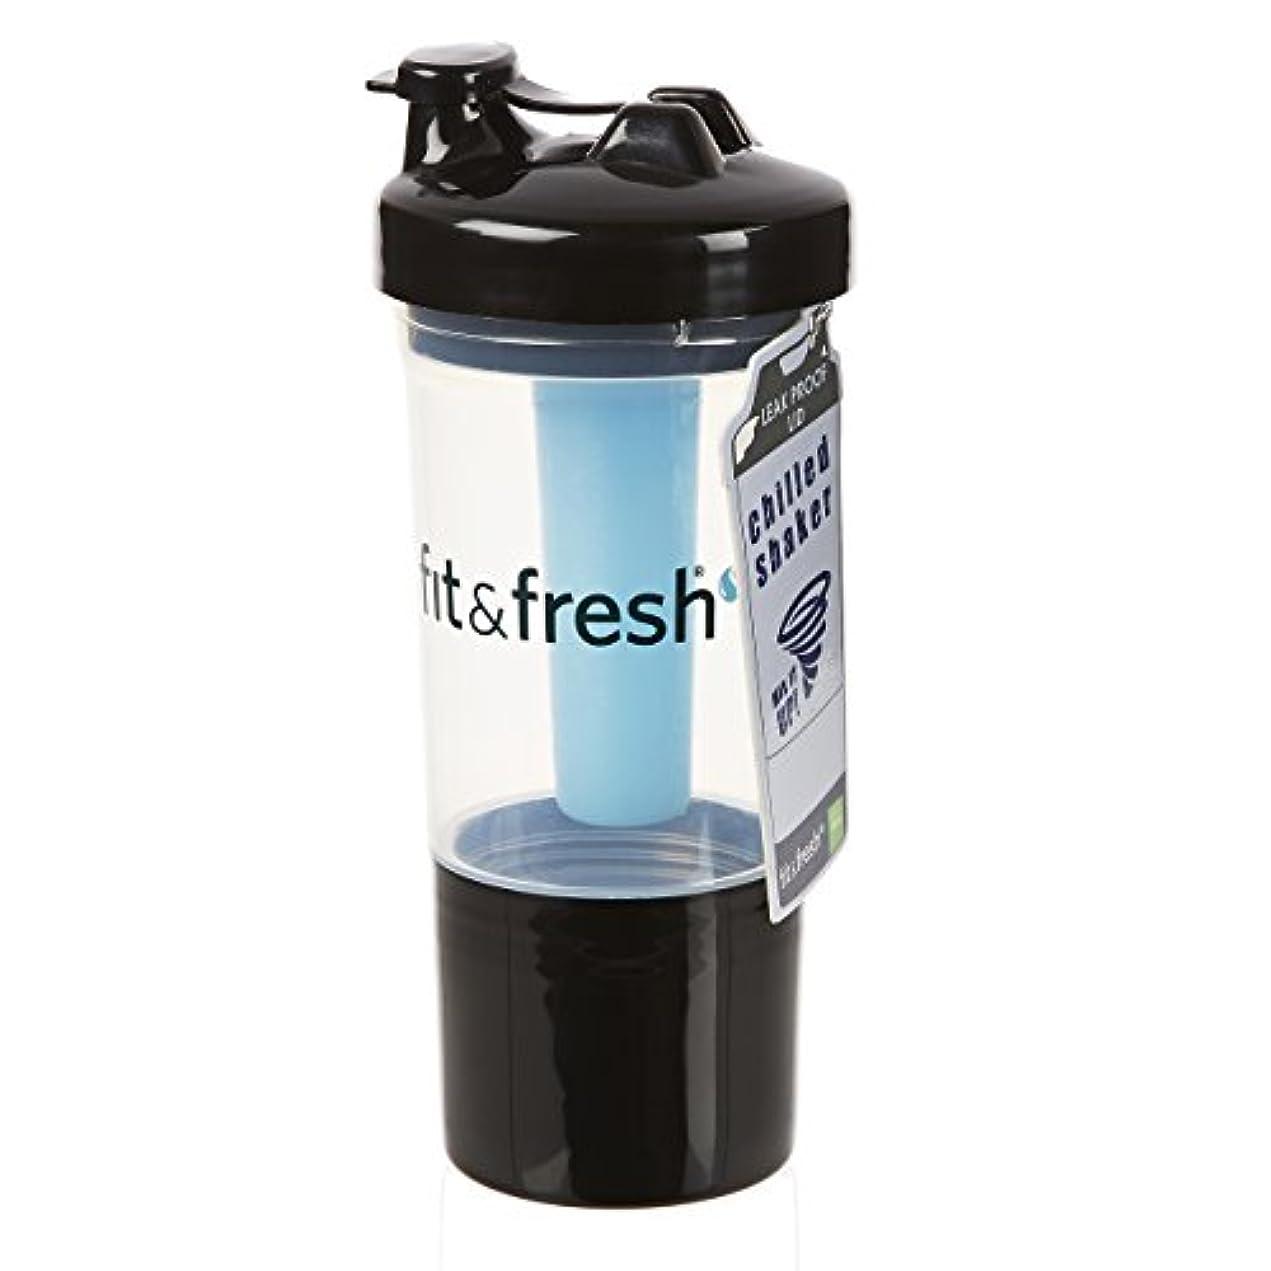 おんどりウェイトレス妻Fit & Fresh, CleanTek, Shaker Cup with Ice Wand Agitator & Storage Cup, 1 Cup